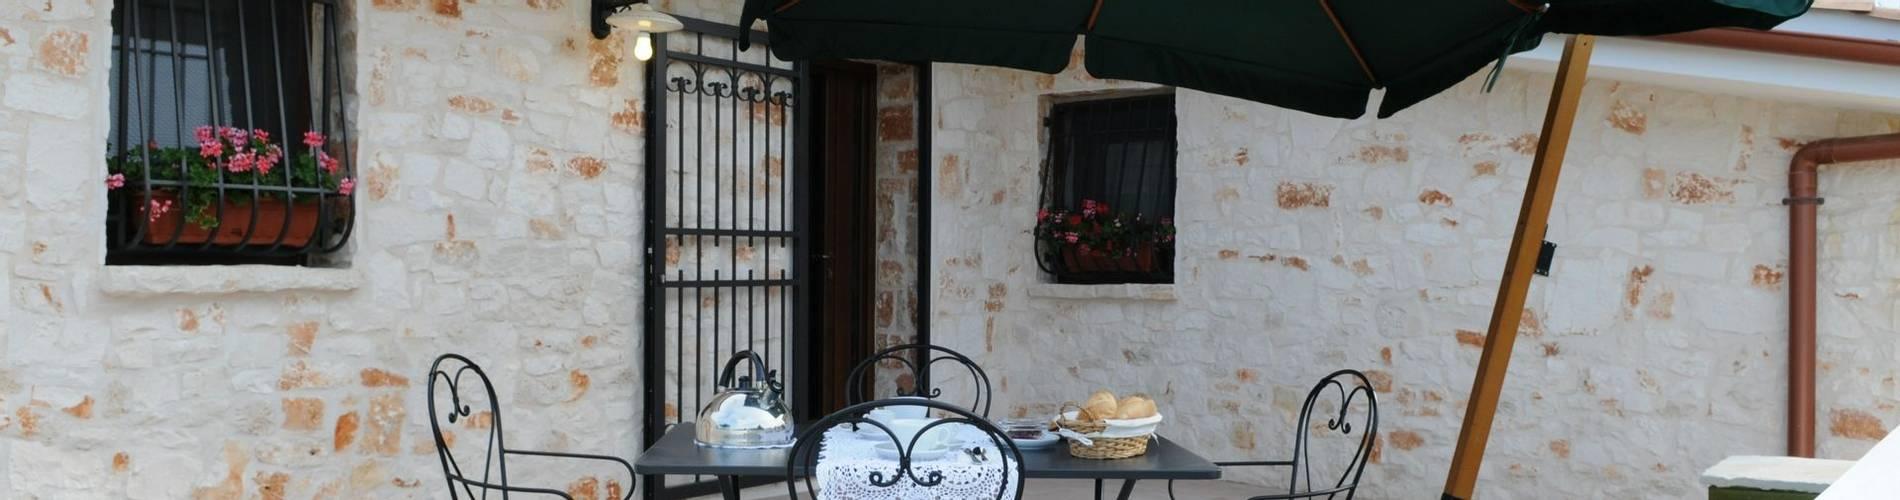 Borgo Delle Querce, Puglia, Italy, Limoni Flat.JPG